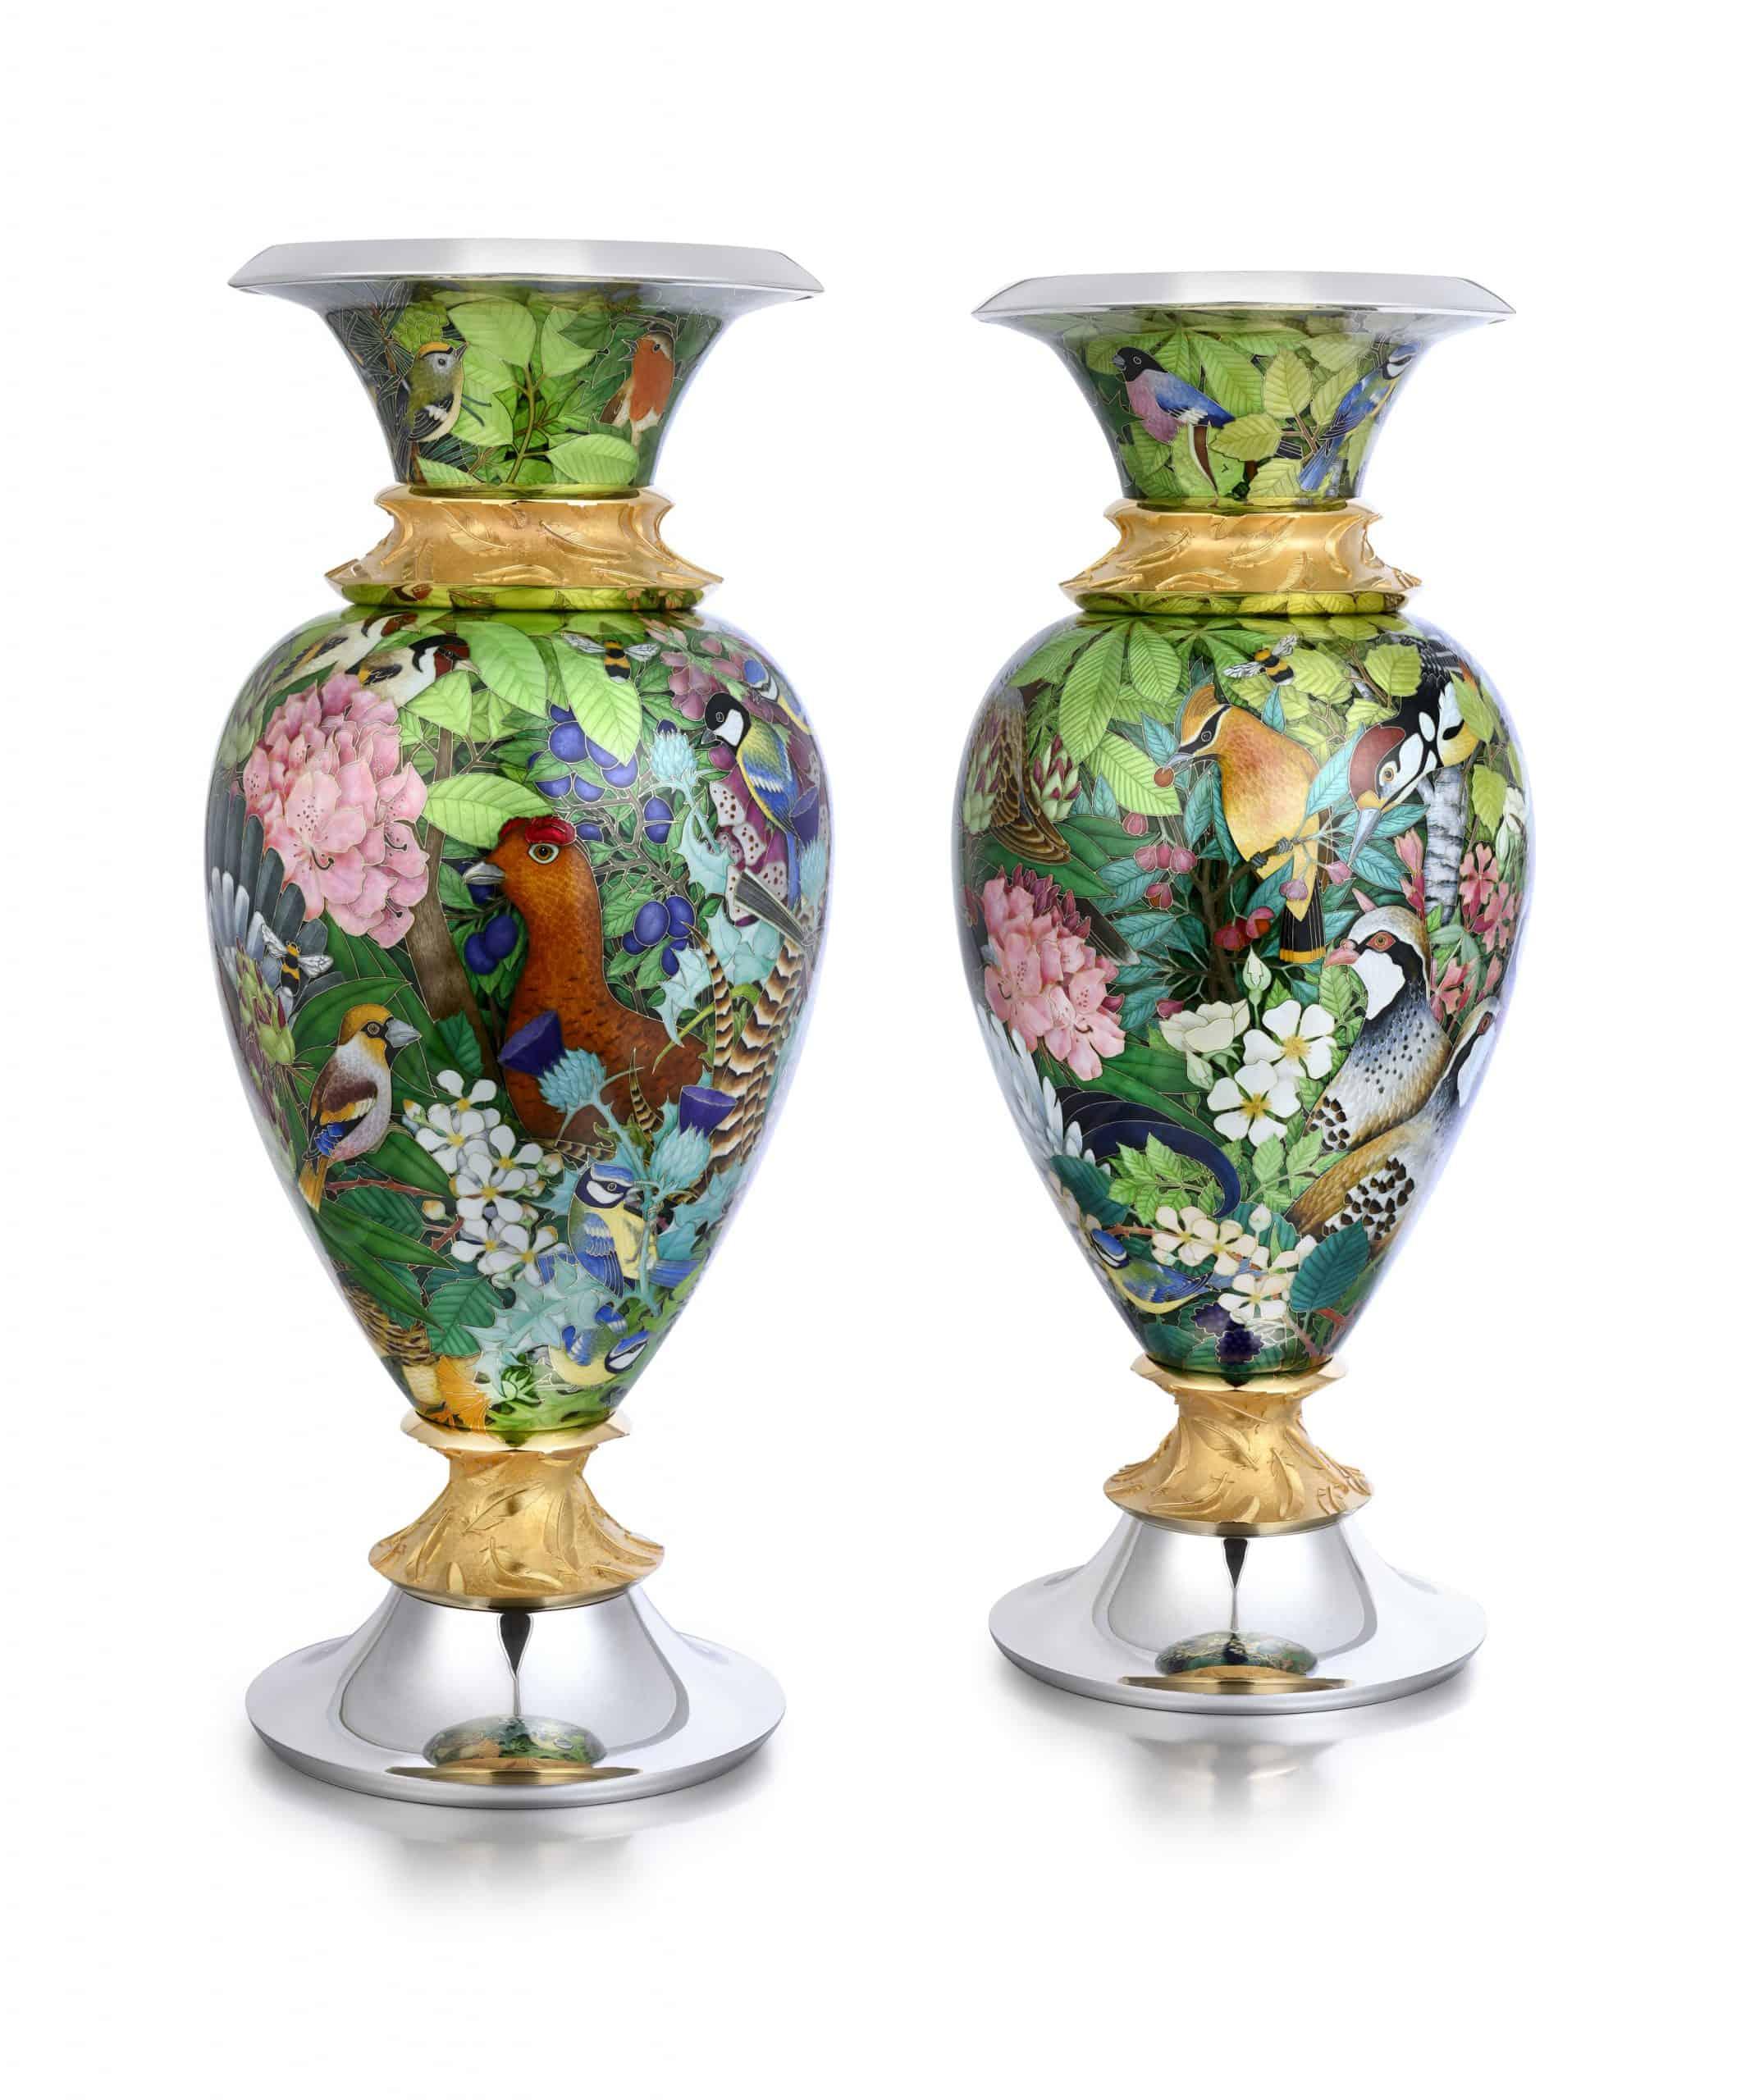 Fair Game Vases